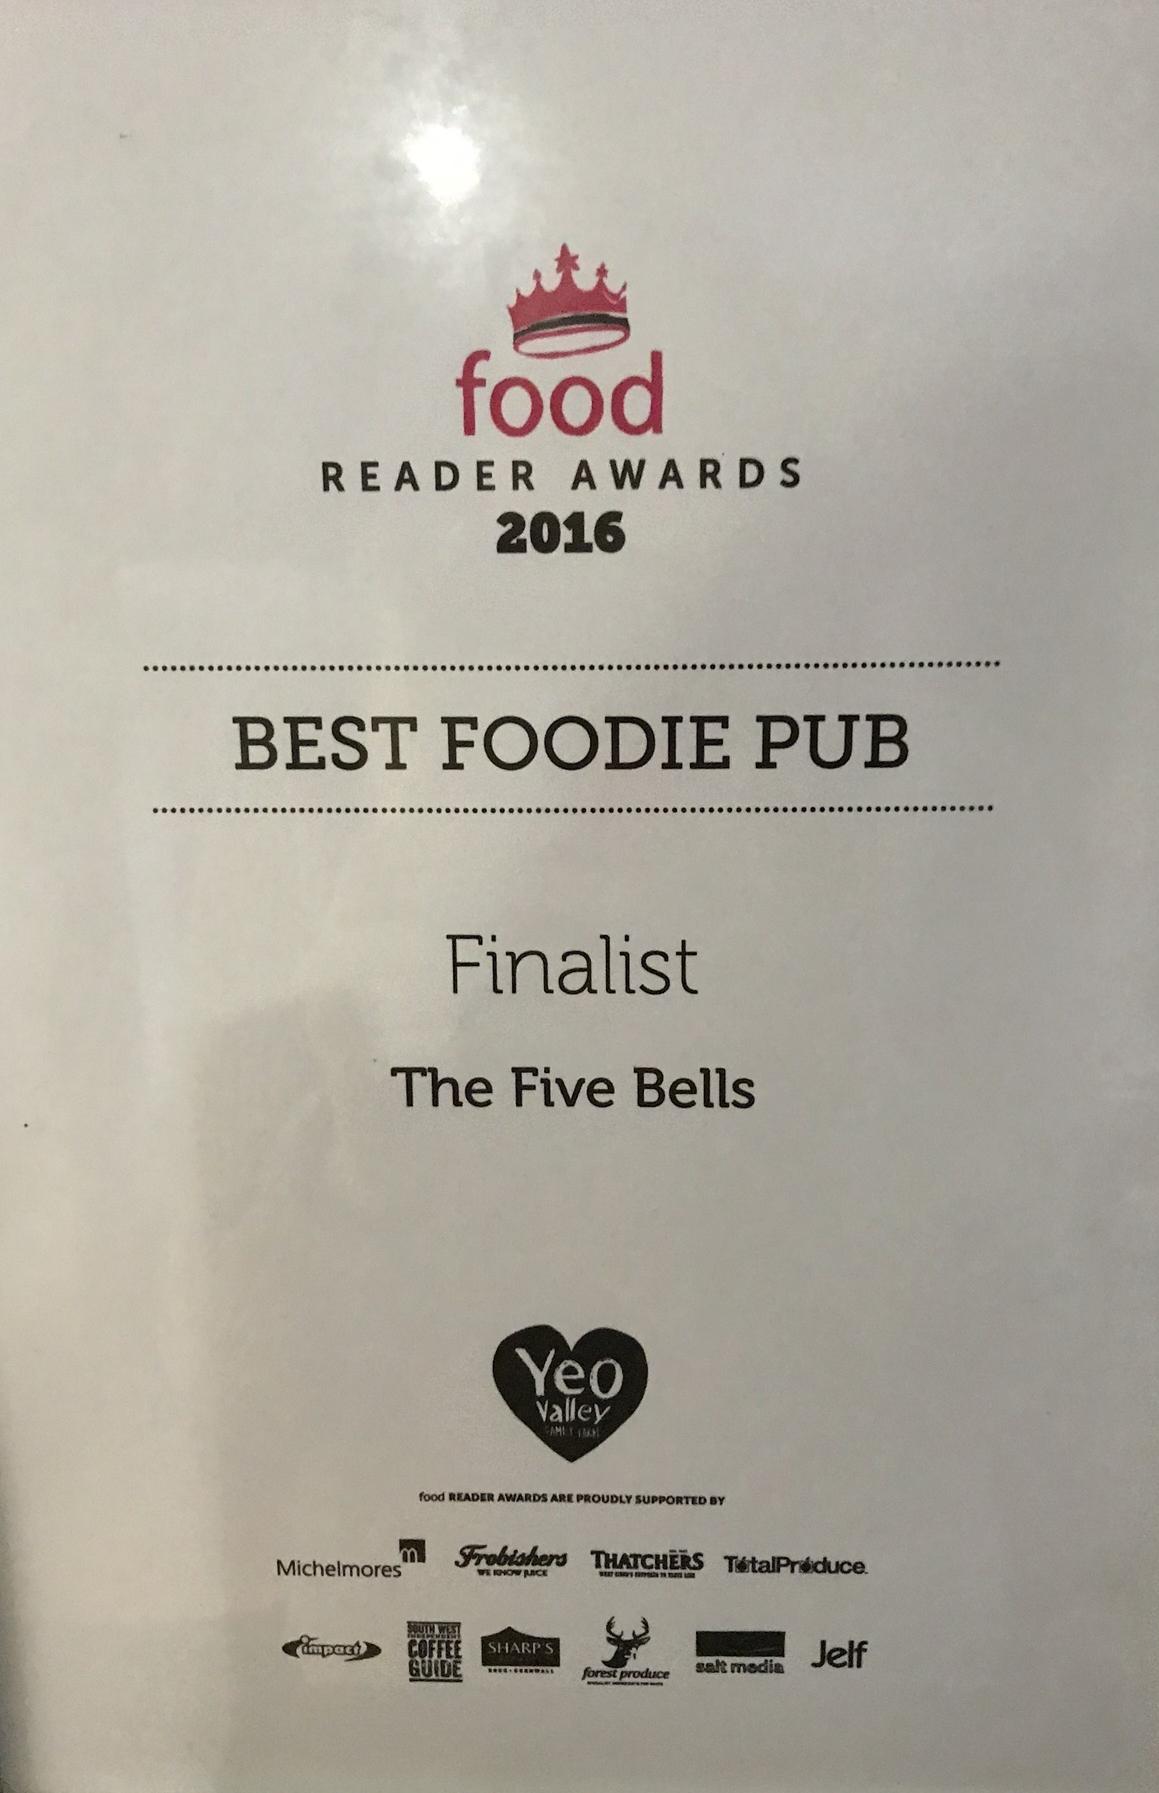 Foodie Awards 2016 Best Foodie Pub